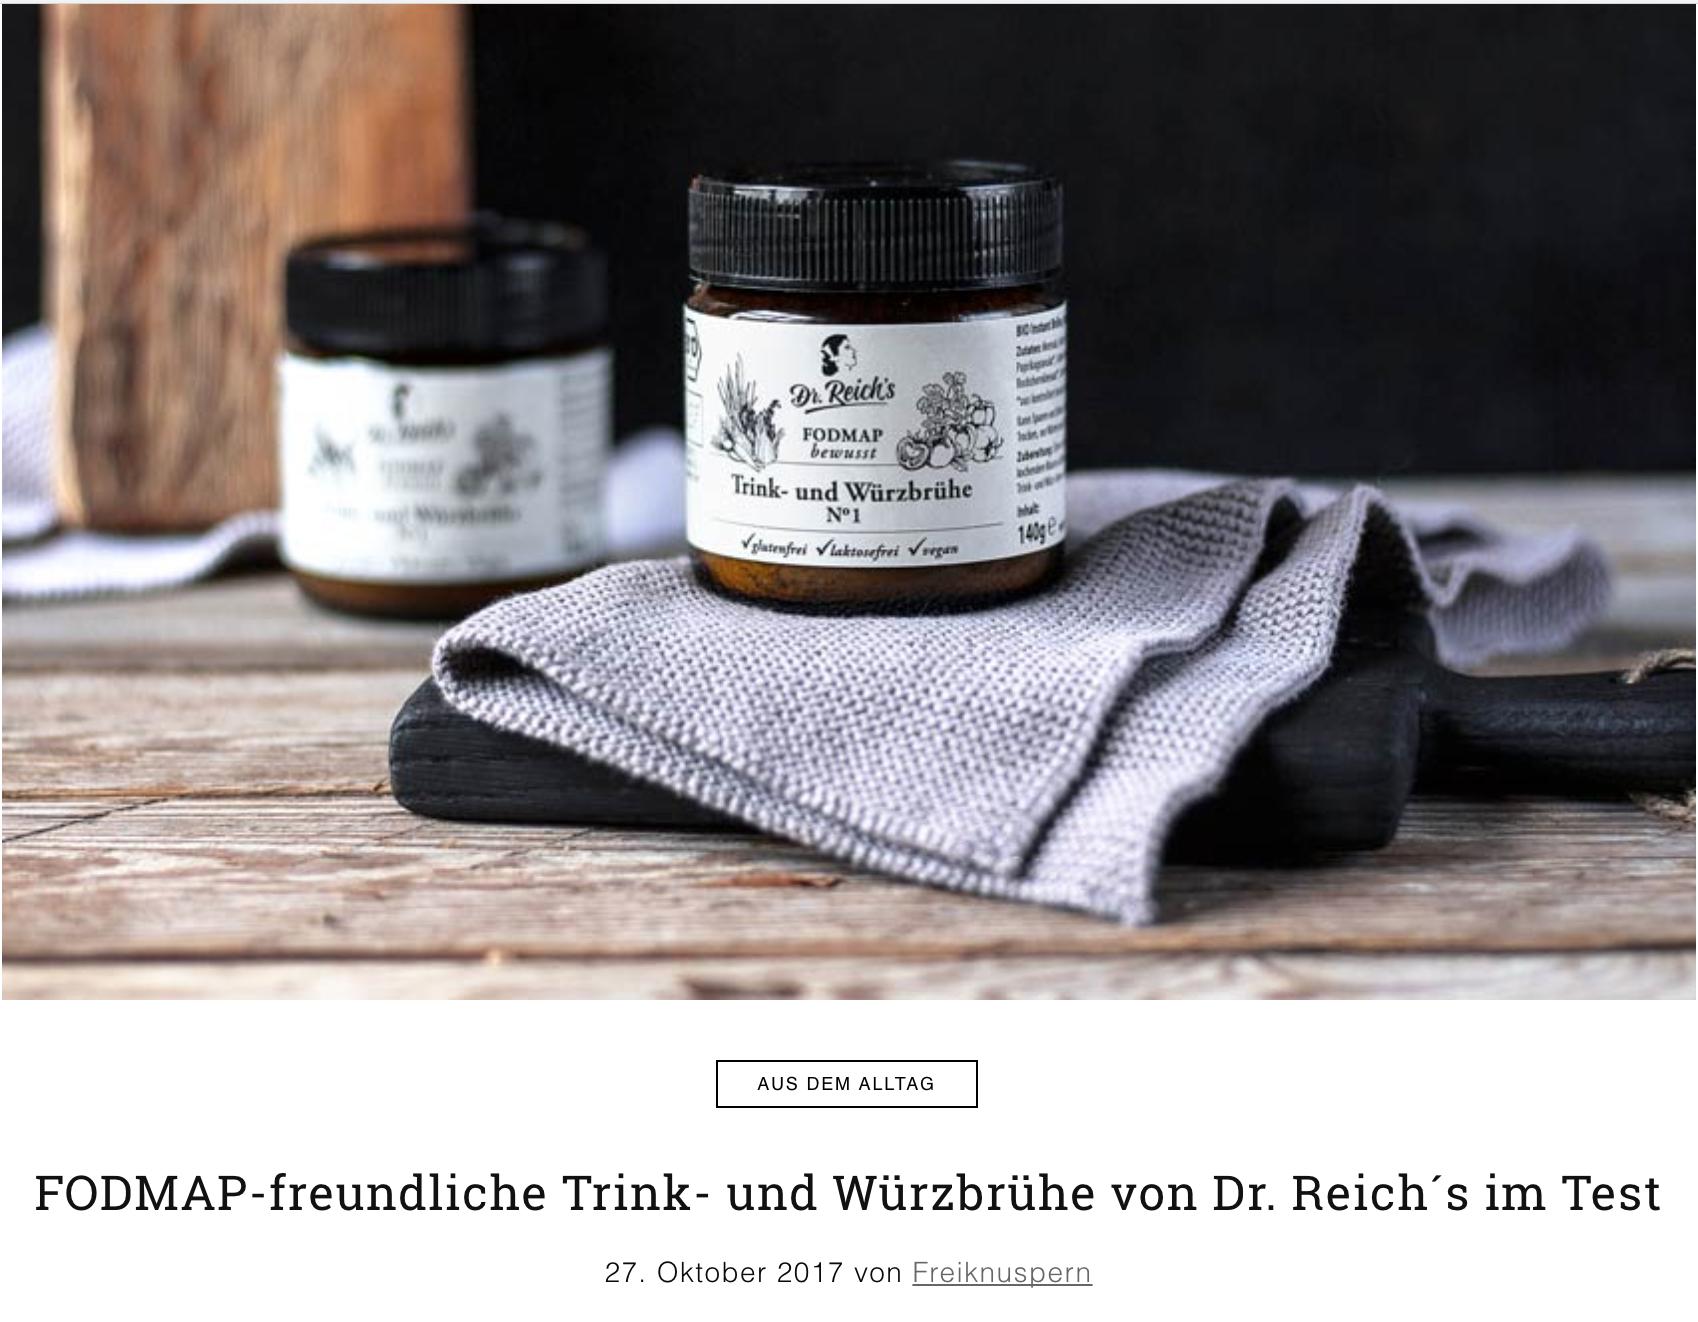 Dr Reichs Trink und Würzbrühe im Test auf Freiknuspern